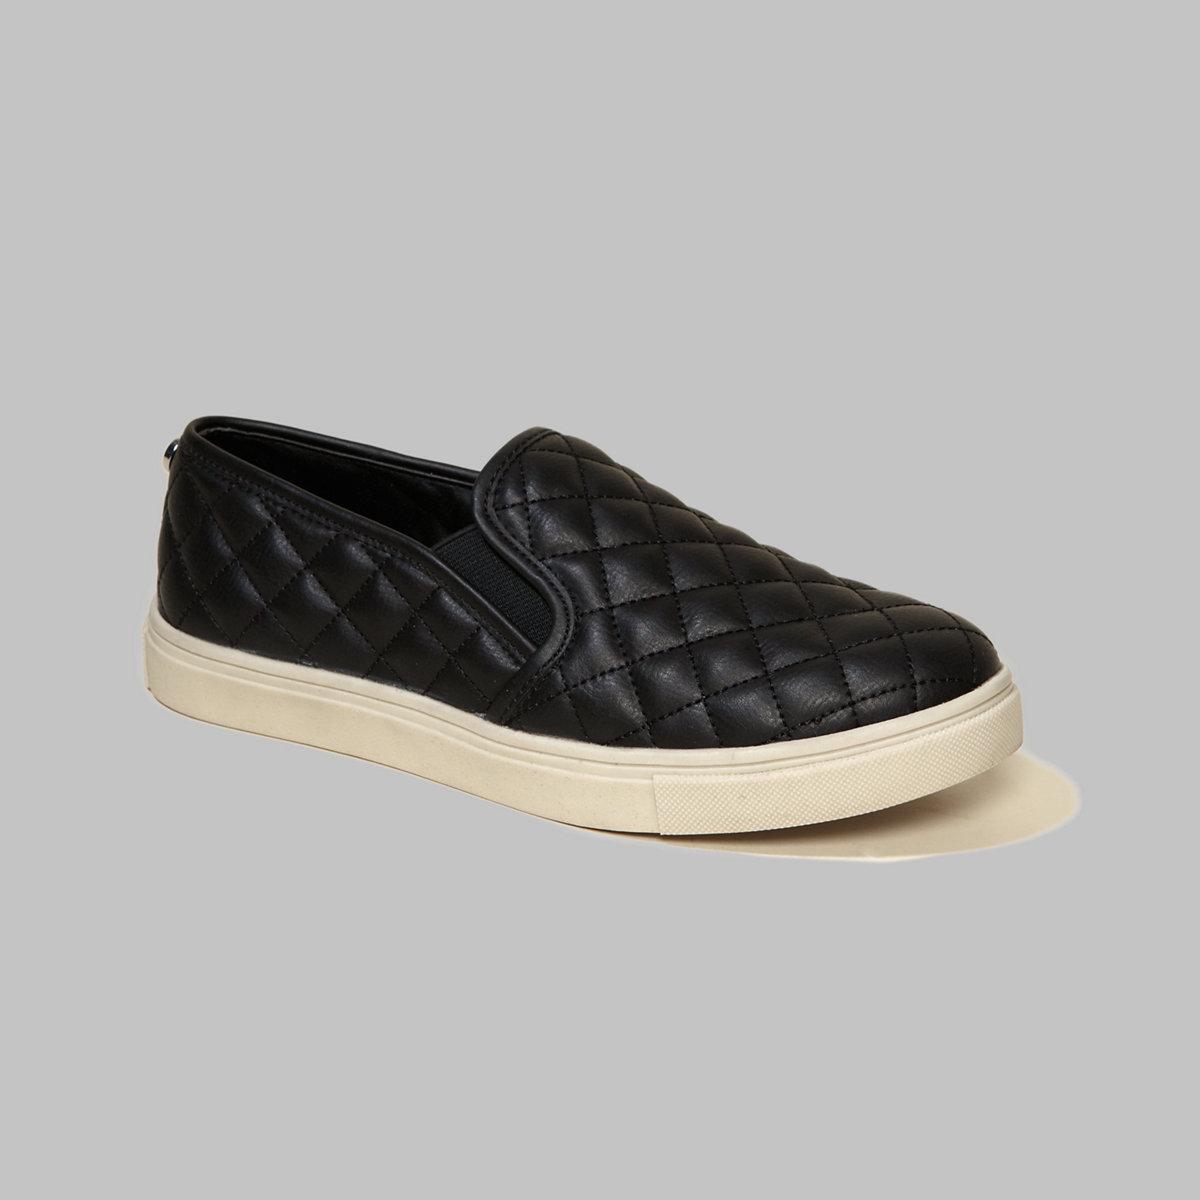 Steve Madden ECENTRICQ Sneaker